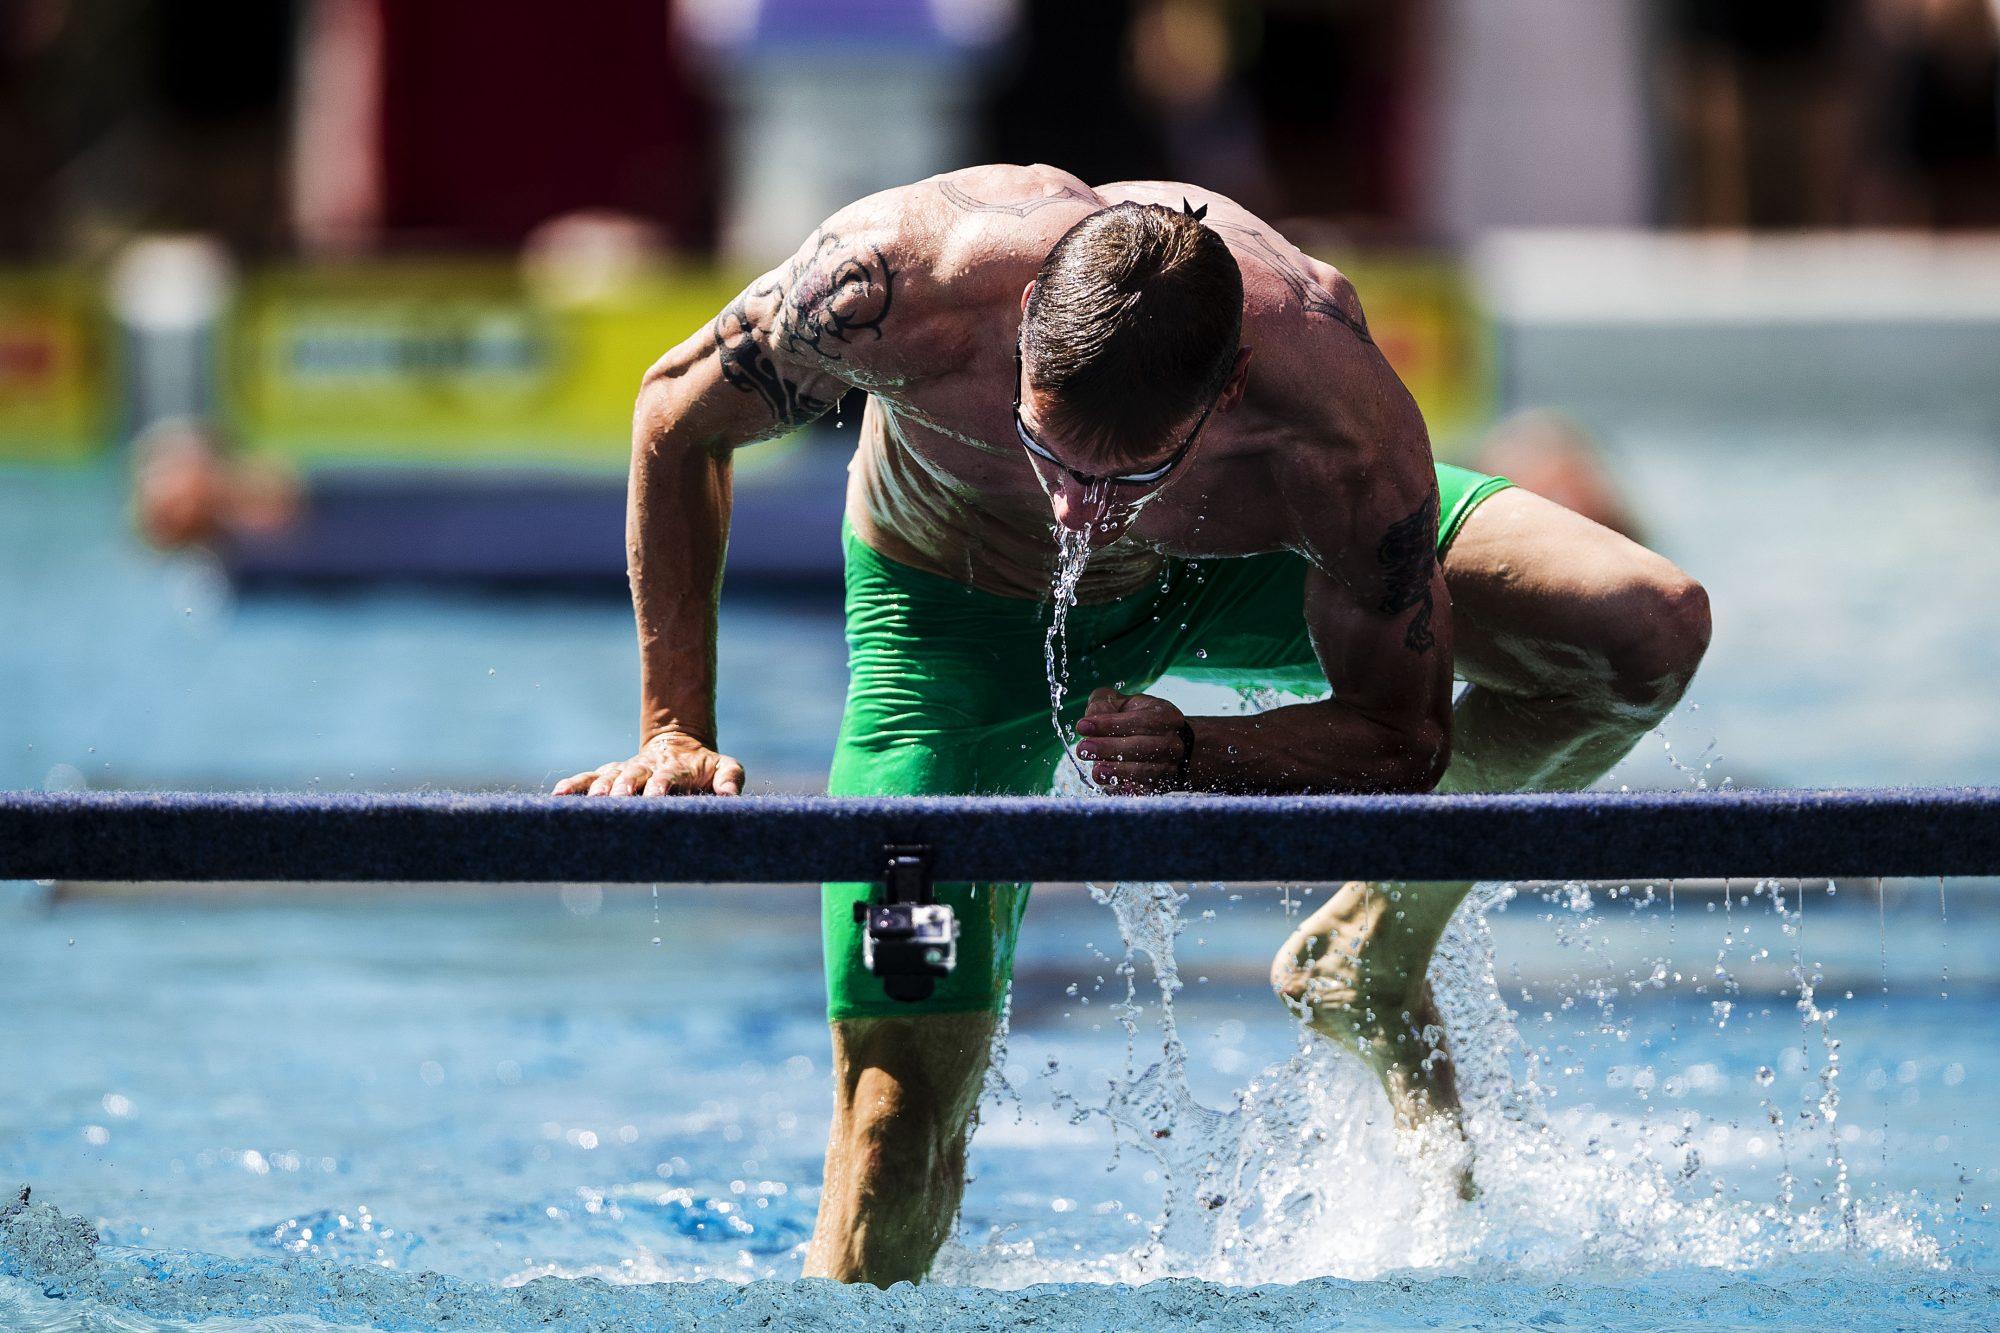 Tävlingsledare Daniel Karlsson simmar Hindersims banan under dag 5 av SM-veckan den 30 juni 2019 i Malmö.